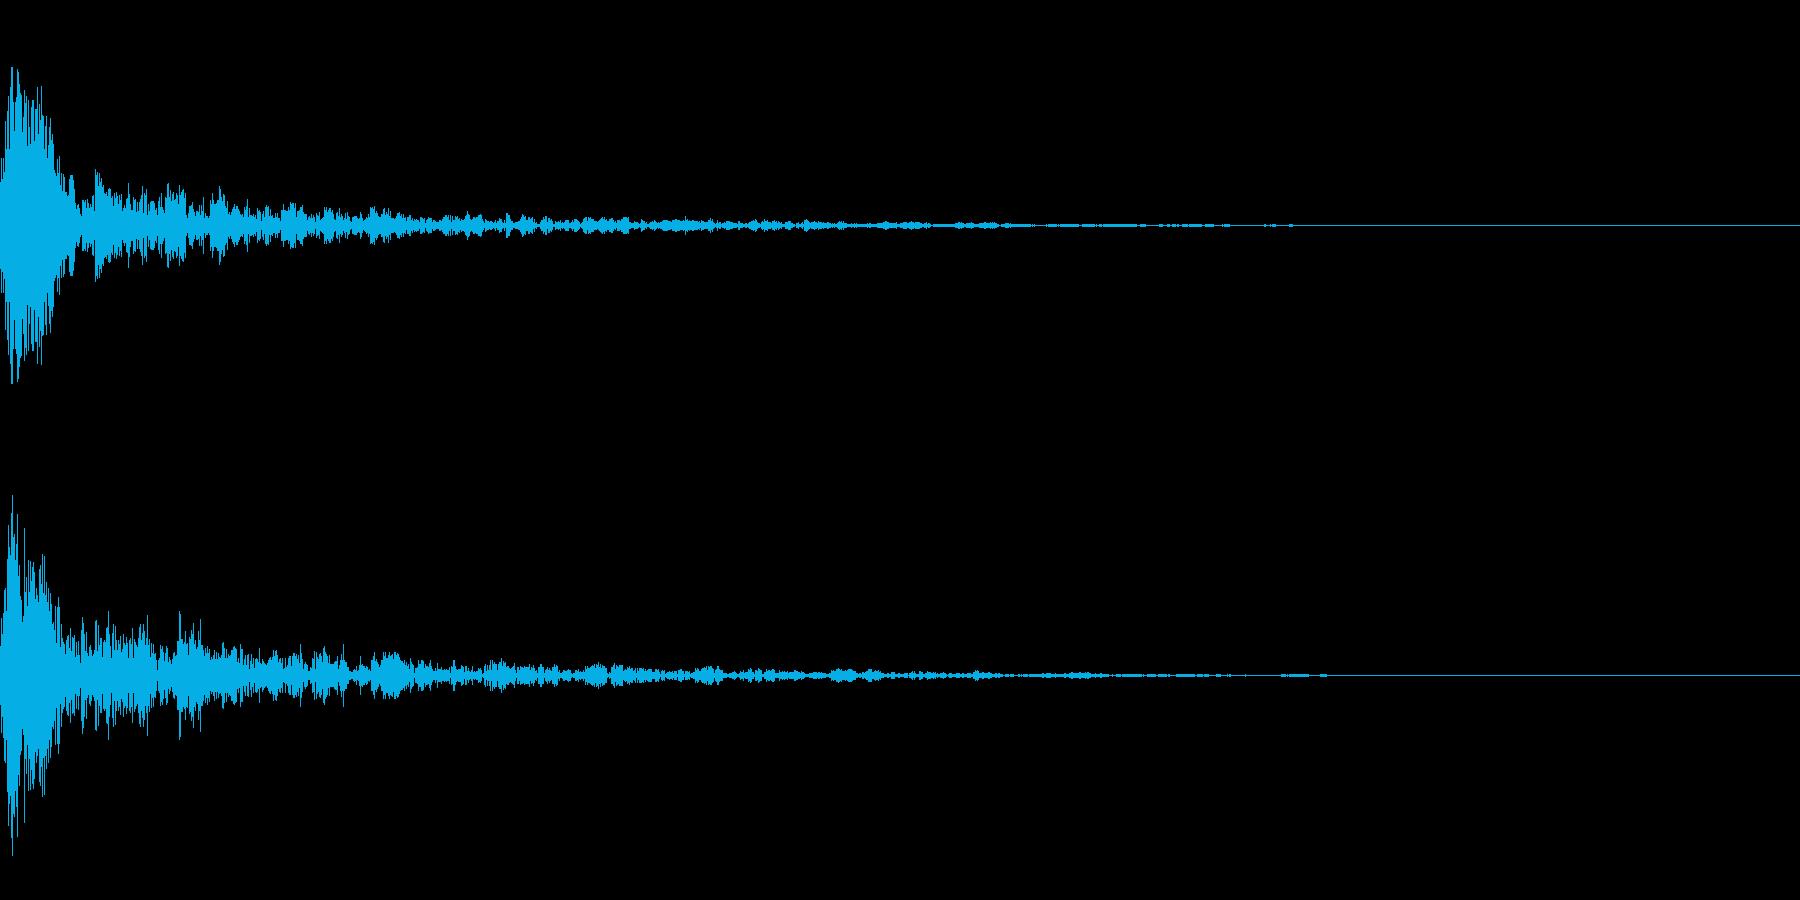 ドーン-16-1(インパクト音)の再生済みの波形